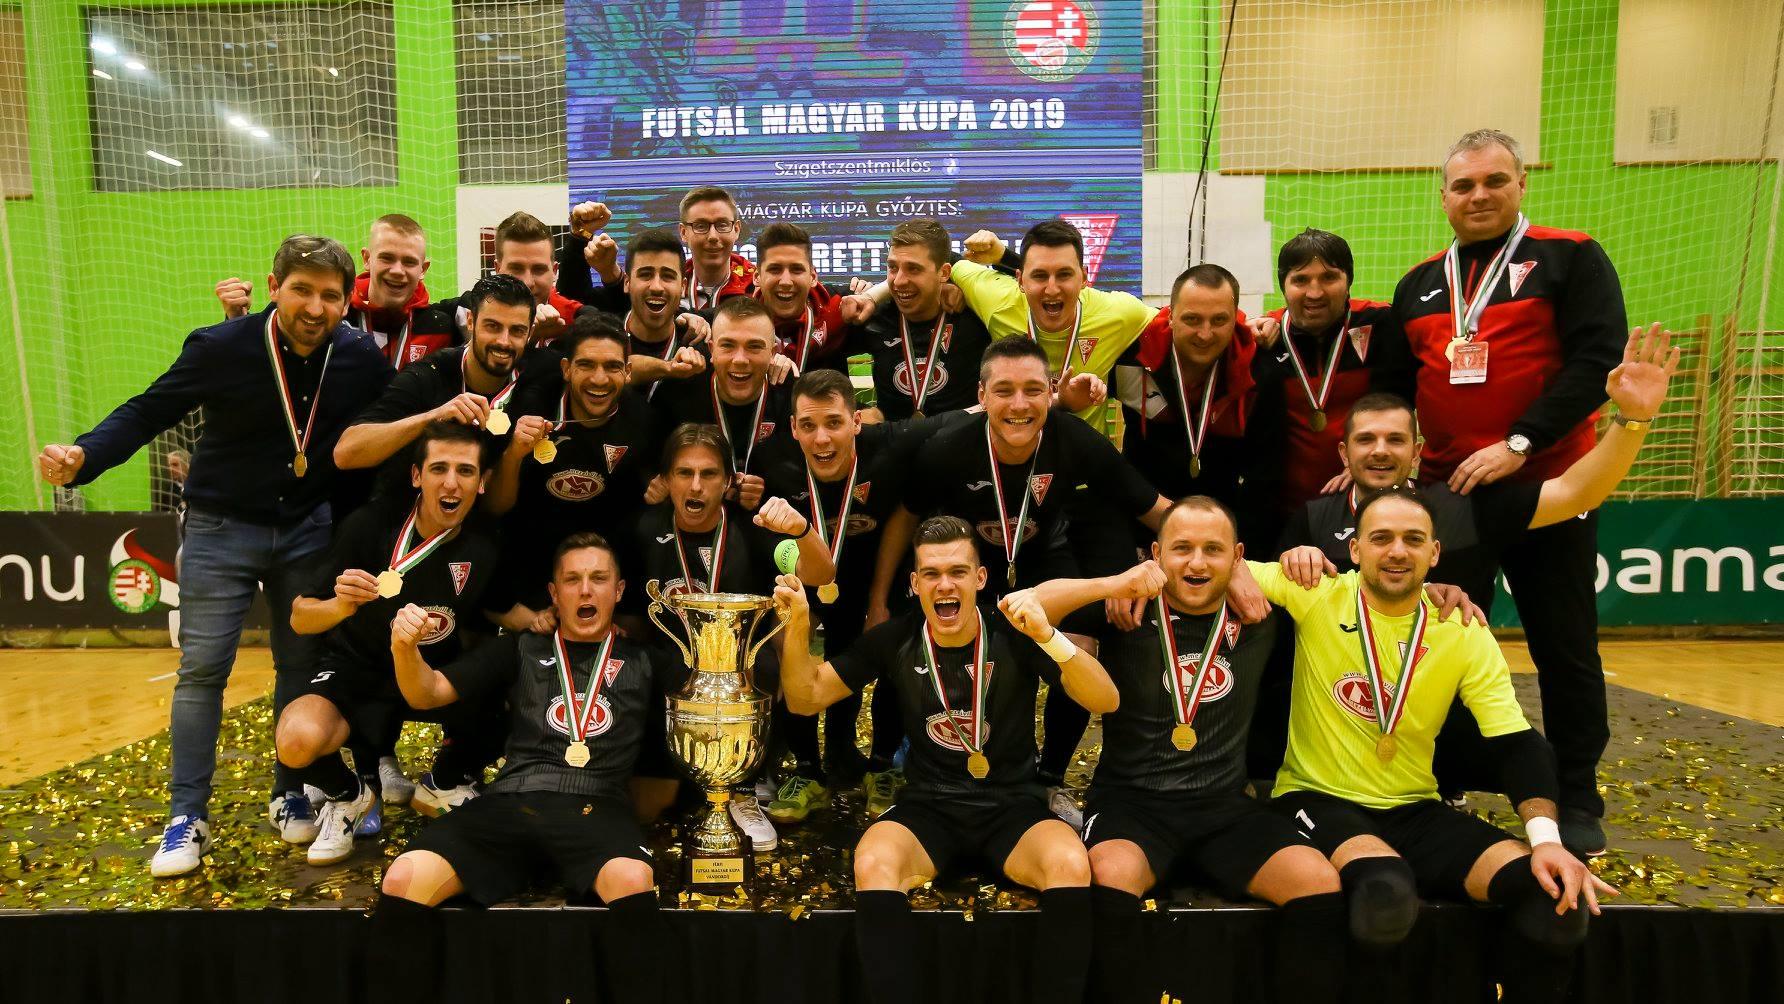 Az MVFC nyerte a futsal Magyar Kupát